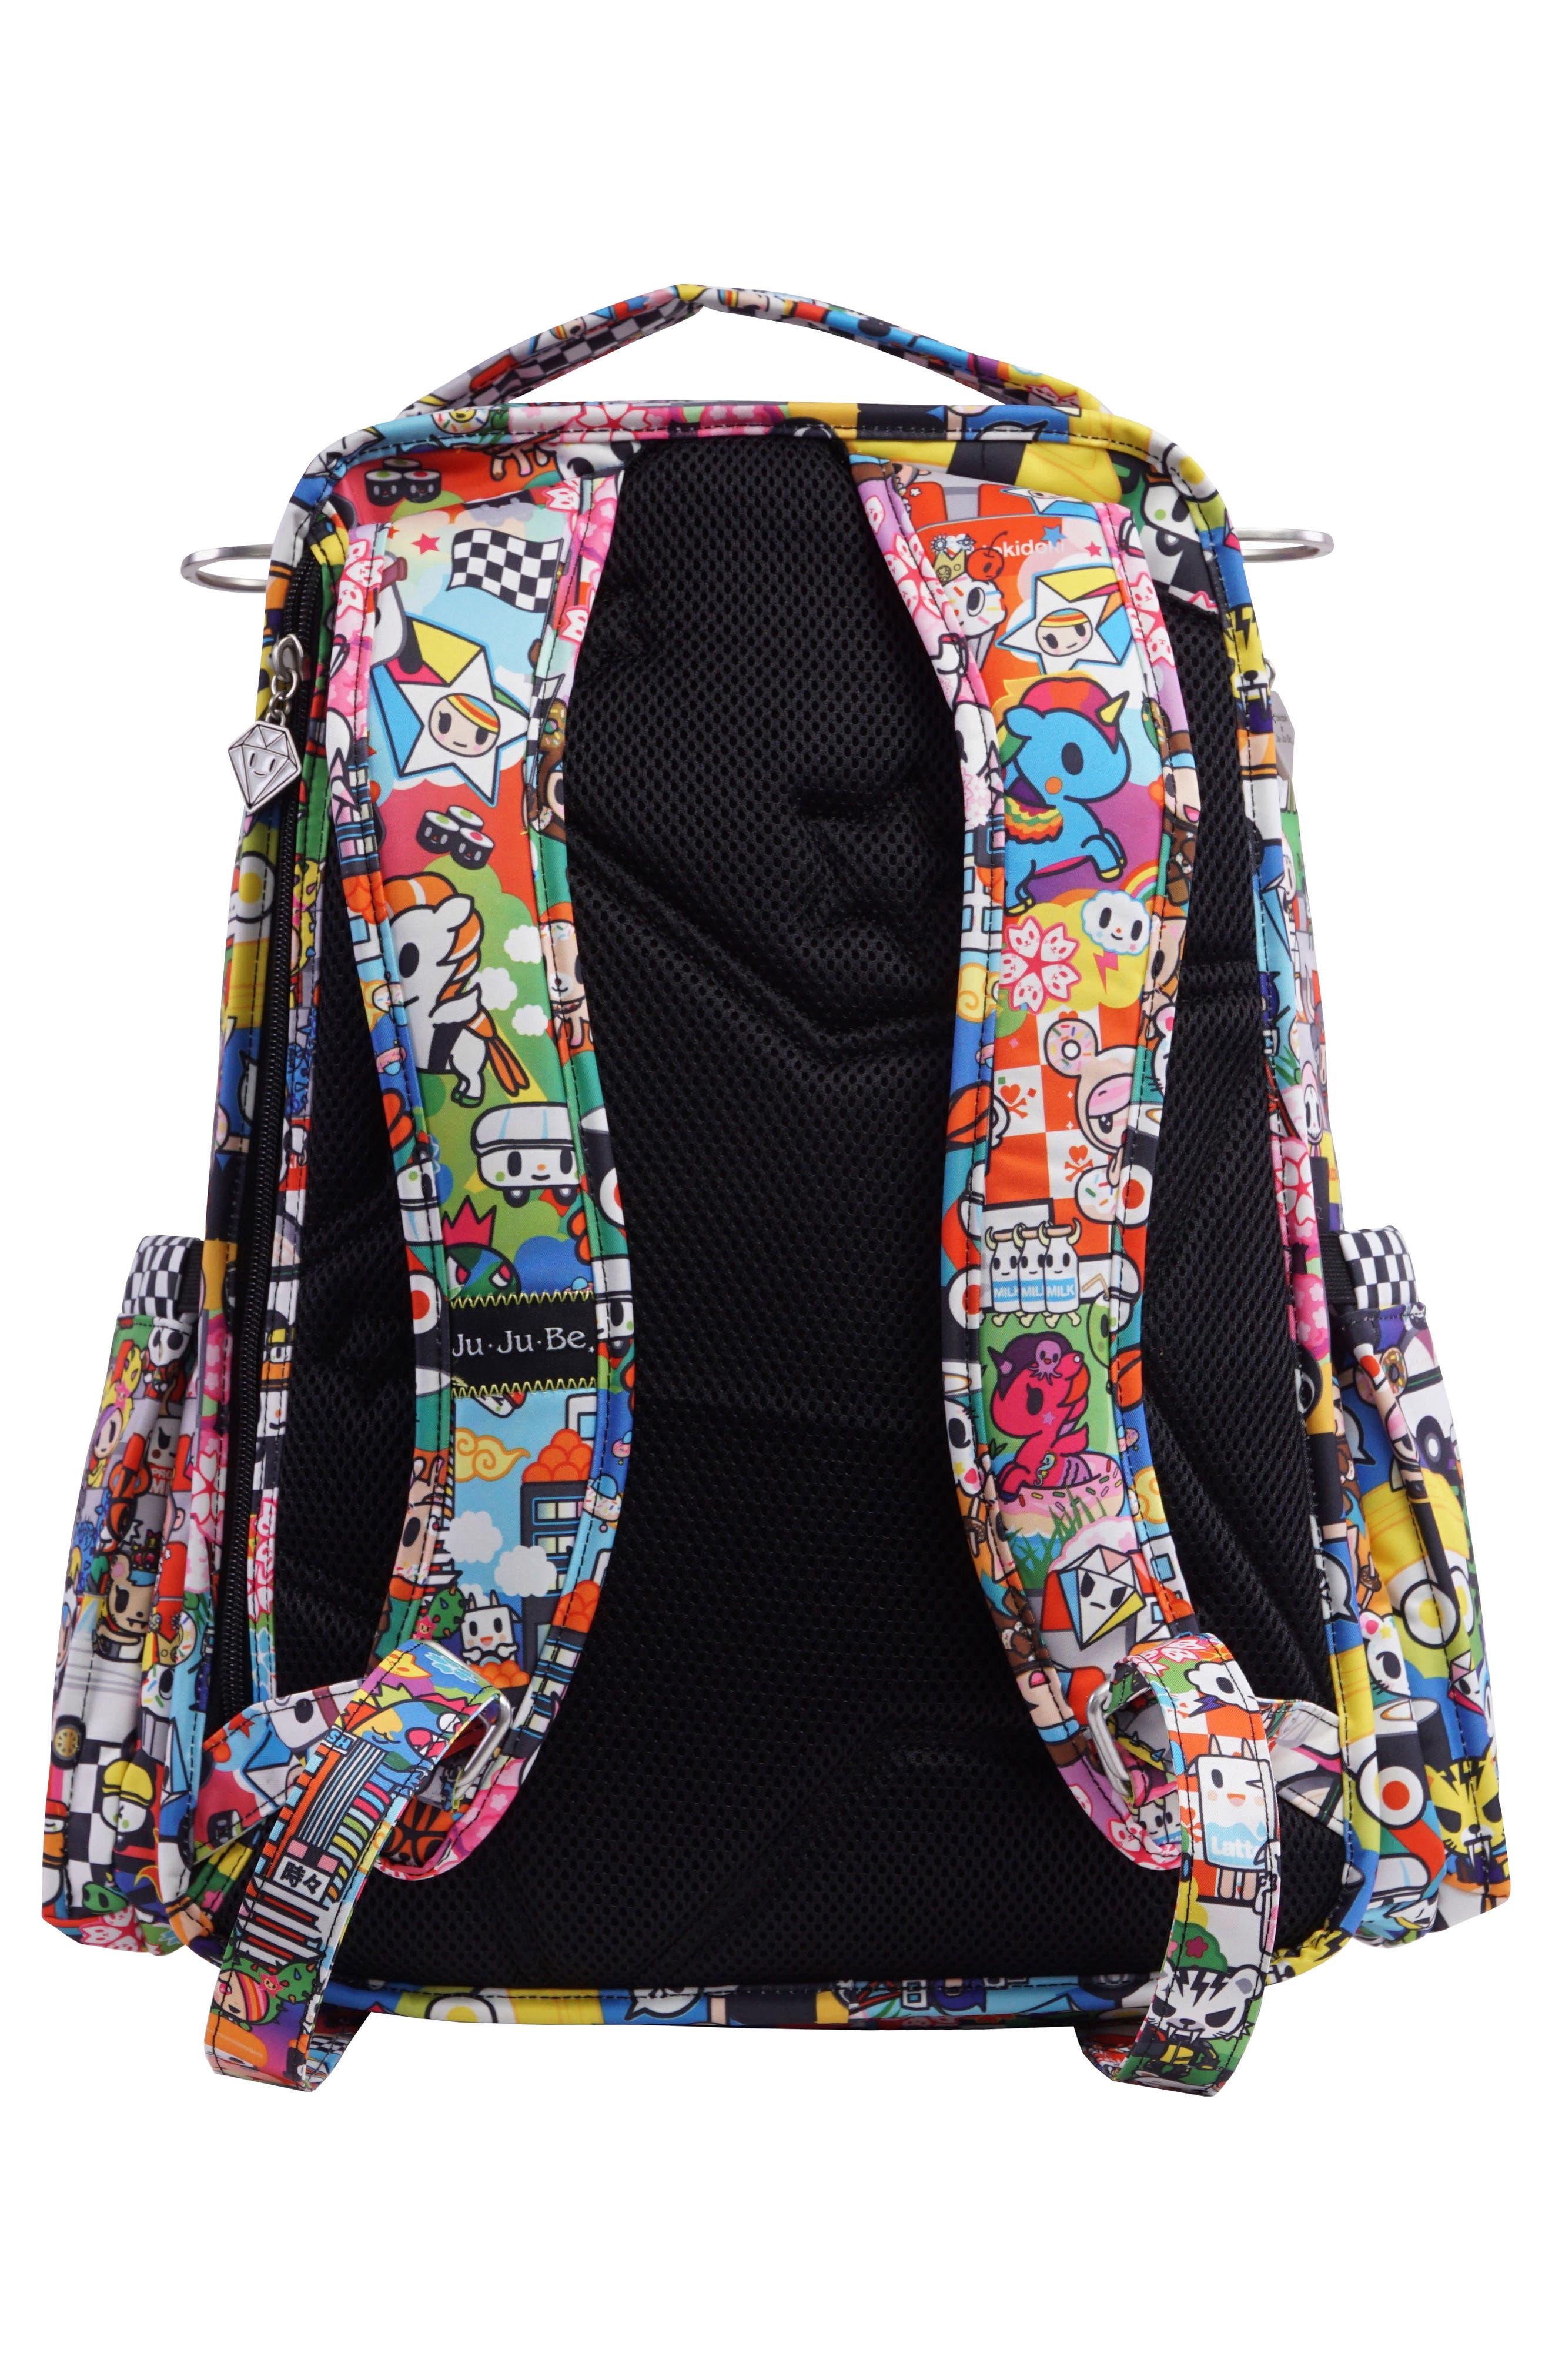 tokidoki x Ju-Ju-Be 'Be Right Back' Diaper Backpack,                             Alternate thumbnail 2, color,                             SUSHI CARS